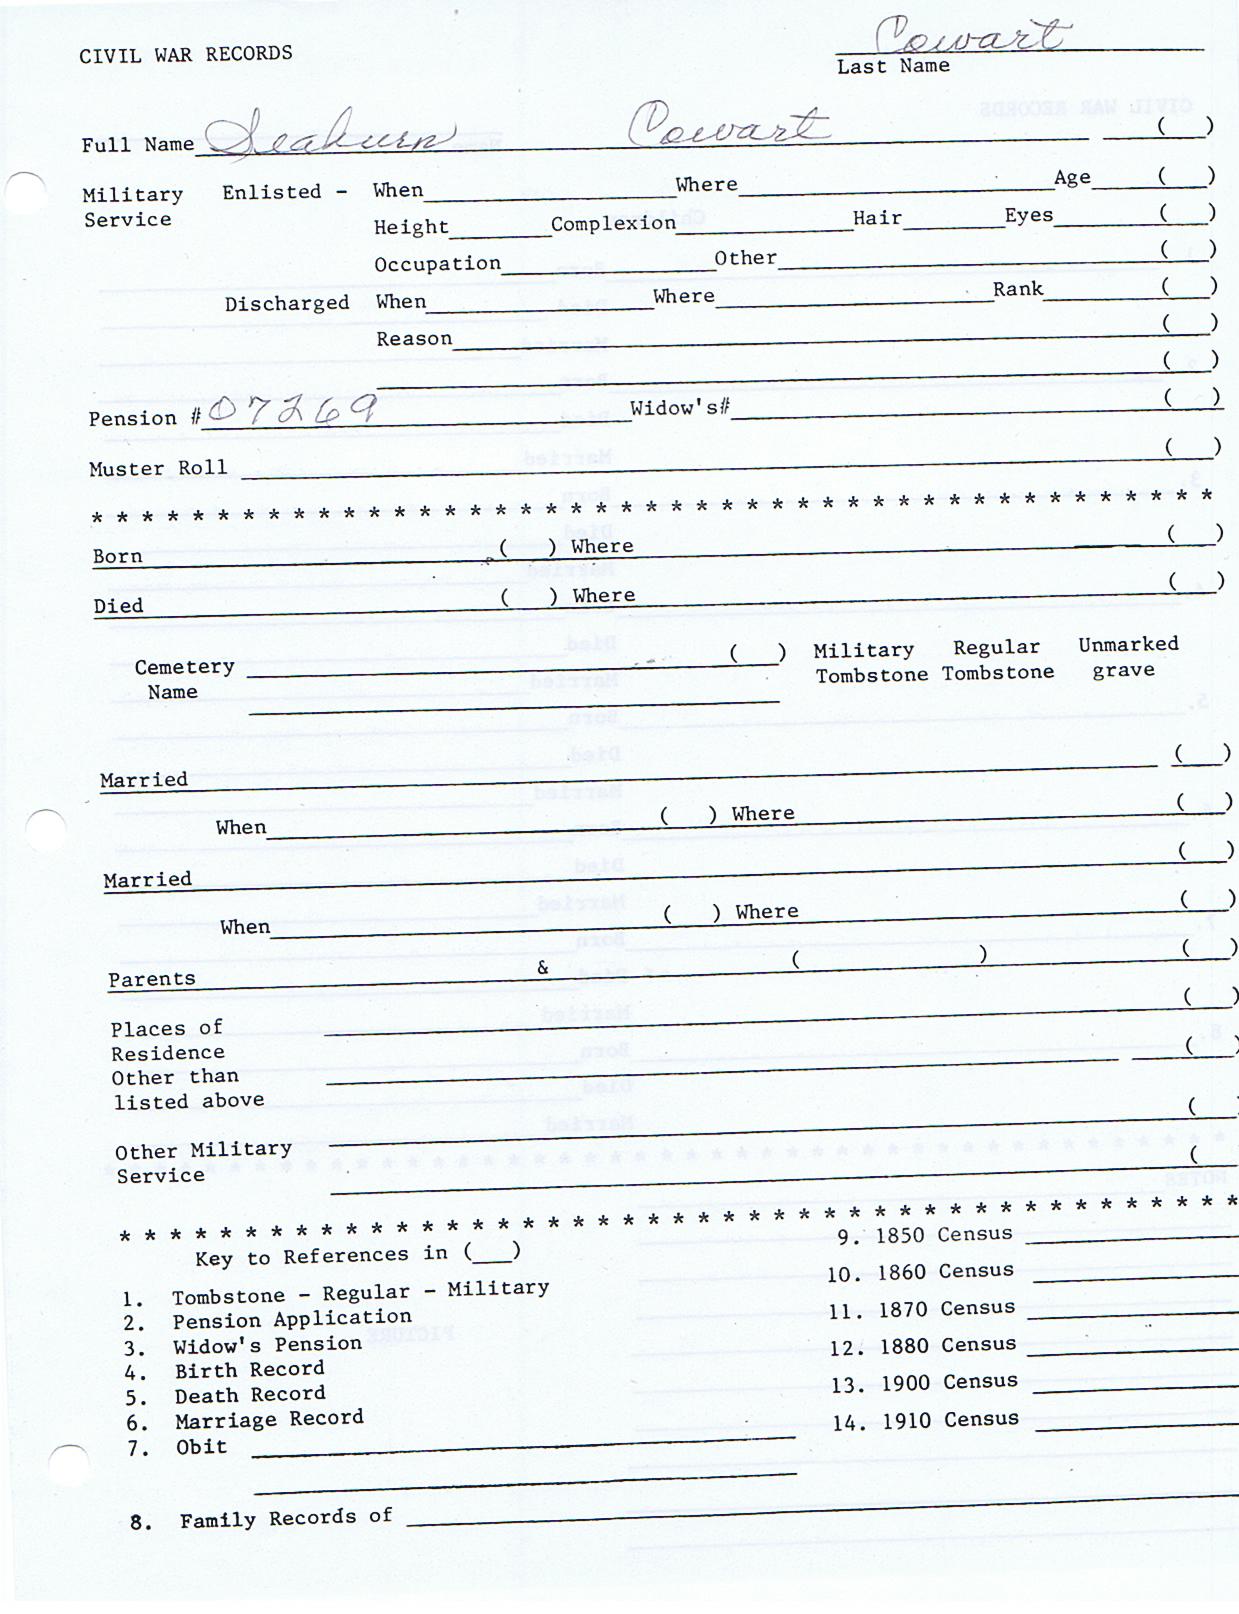 cowart-kaufman_civil_war_records-3551